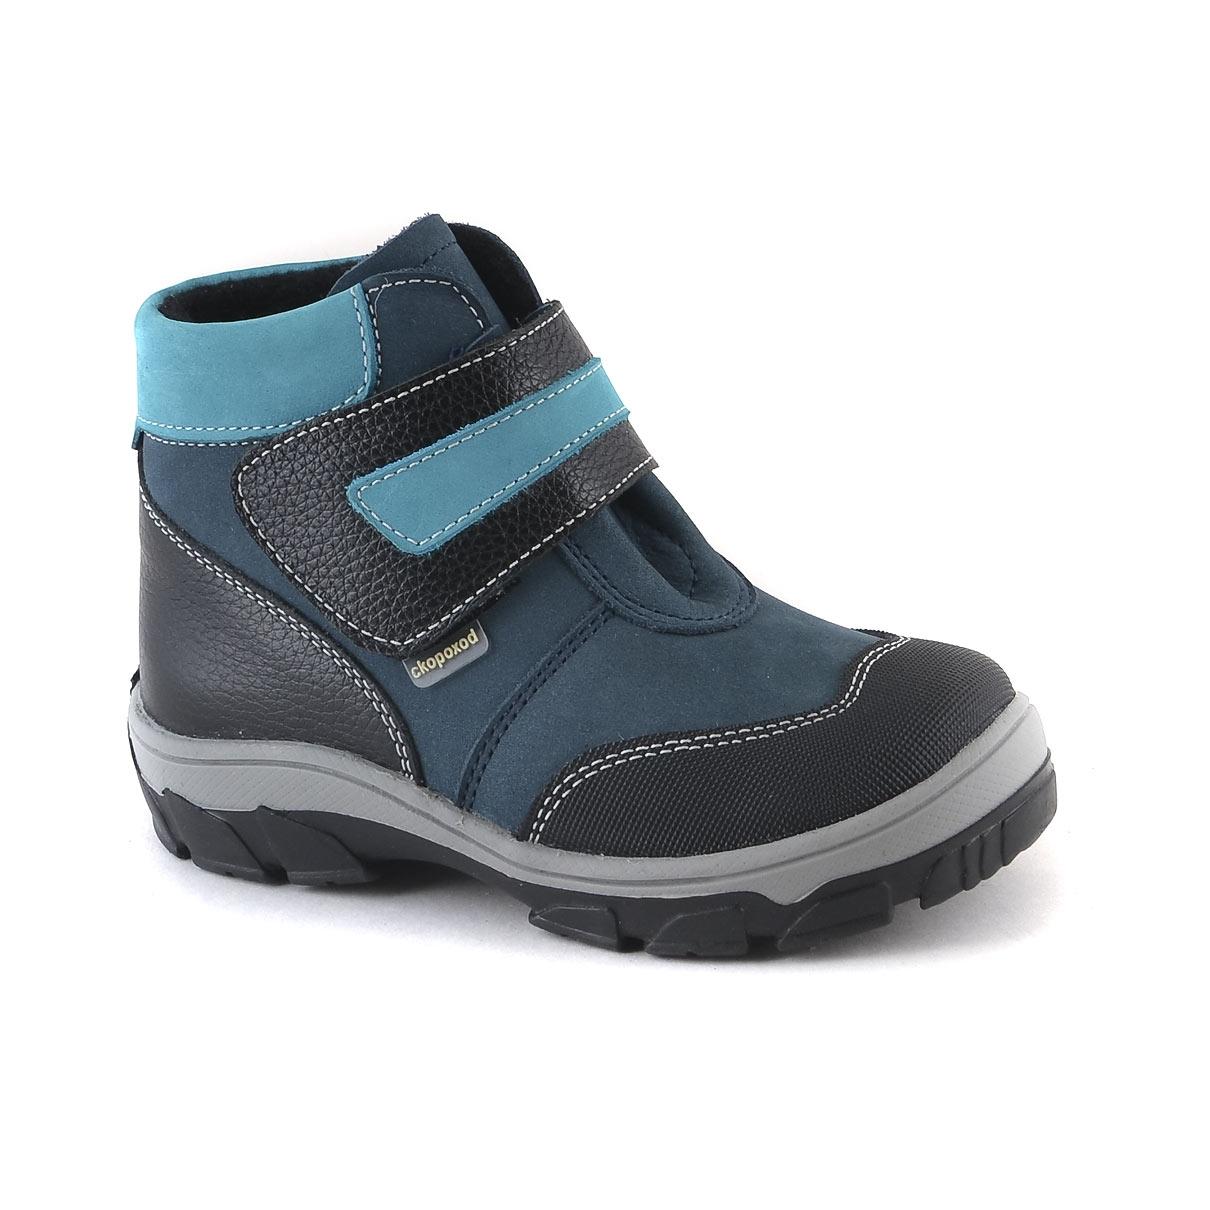 Фото - Ботинки ясельные для мальчика Детский Скороход 16-537-2 босоножки детский скороход туфли ясельные для мальчика детский скороход синие